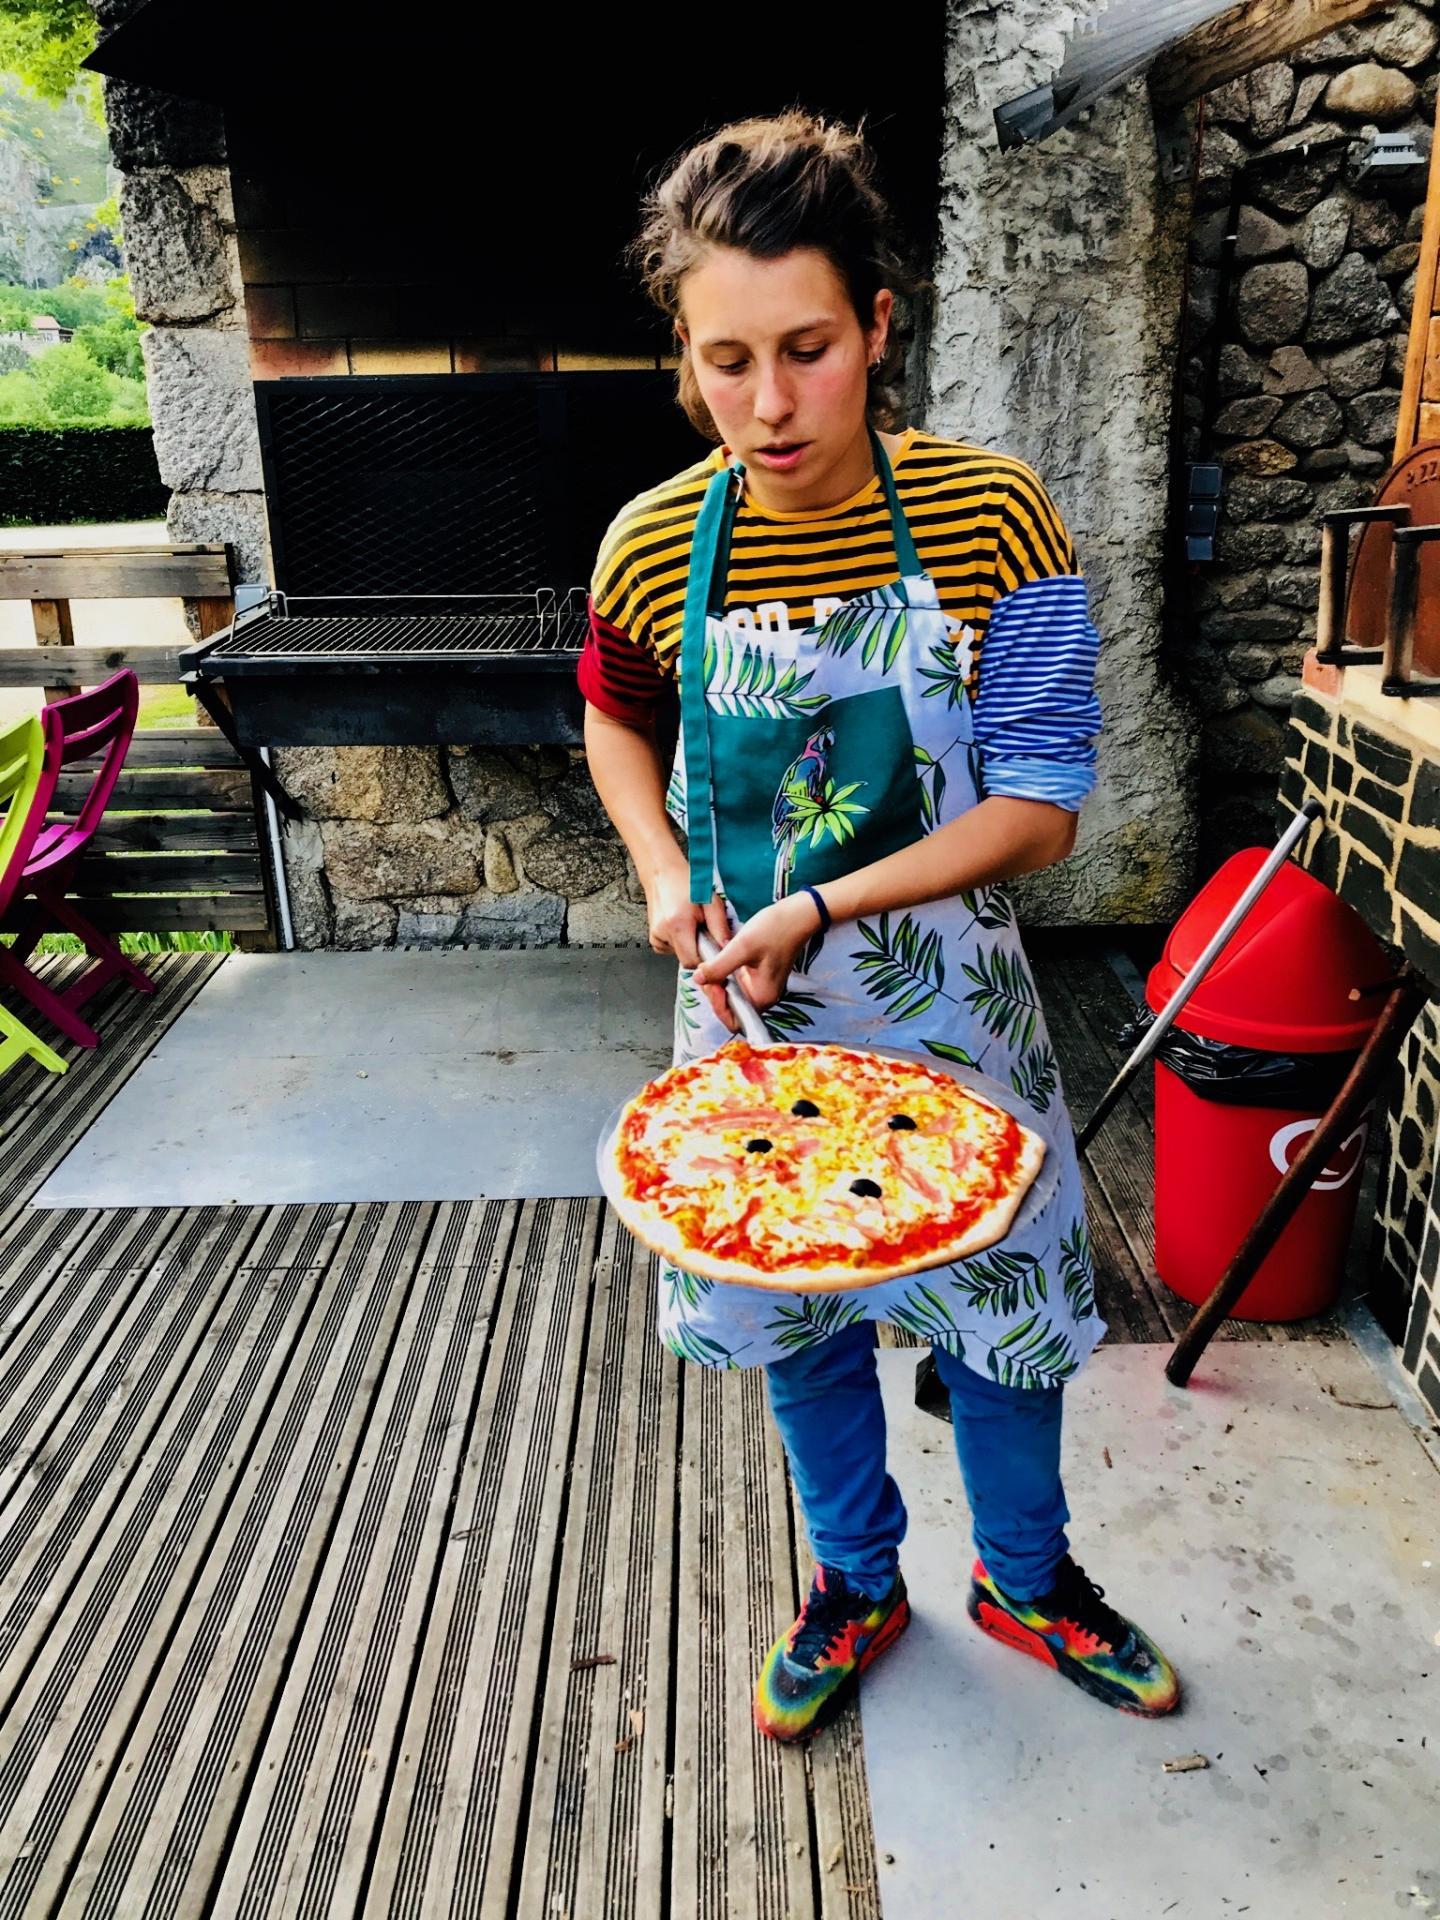 Pizza au four à bois selon calendrier !